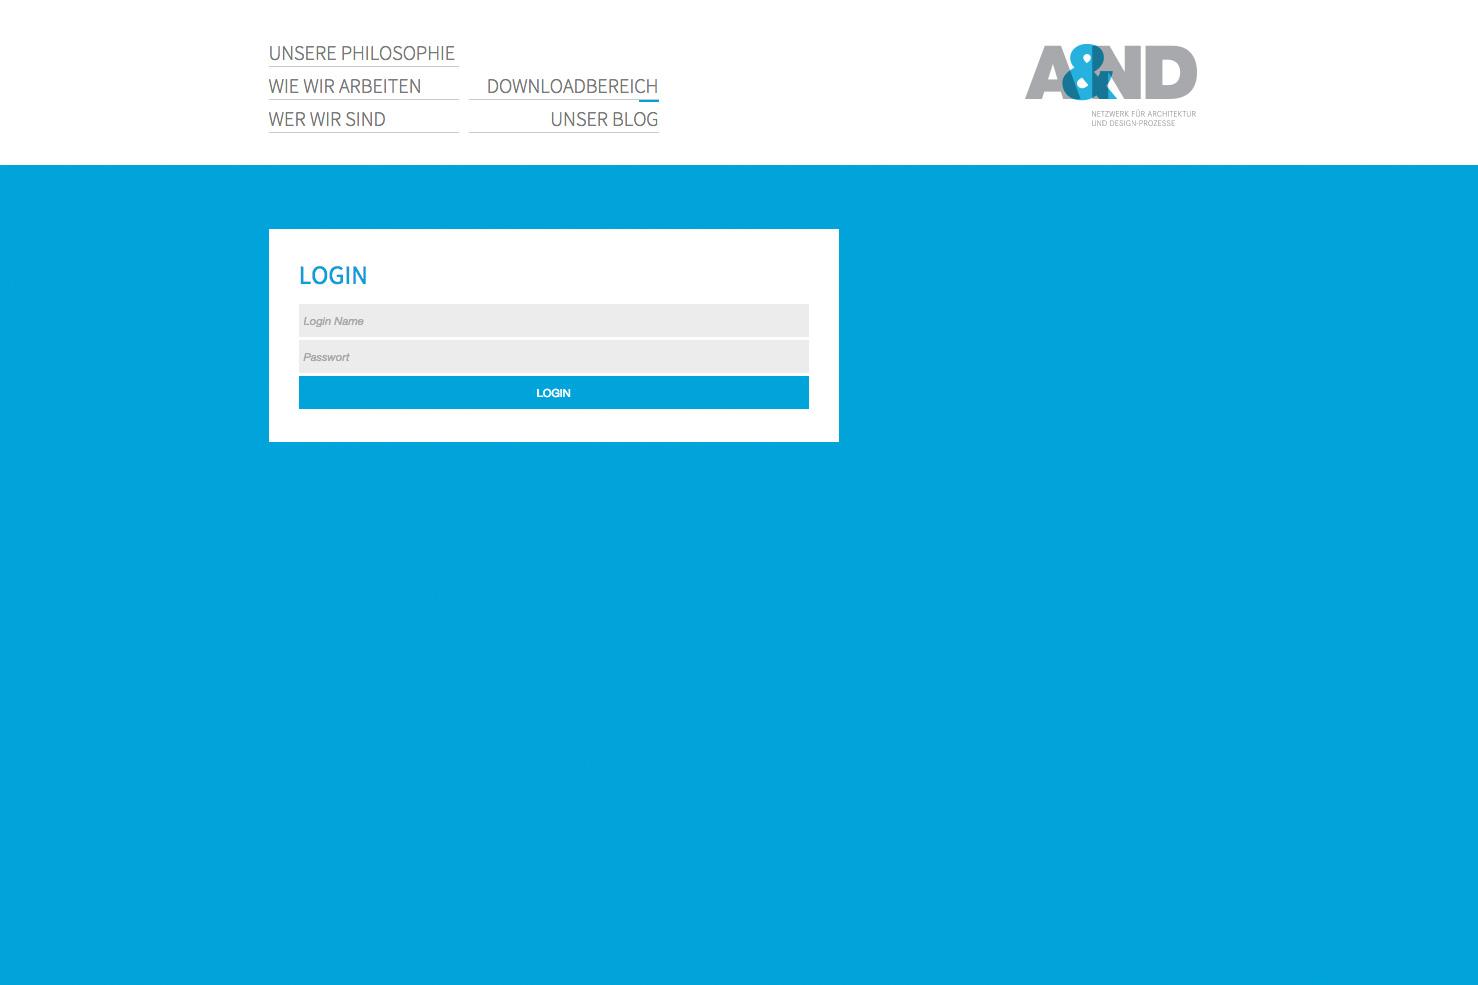 Bild 5 vom ANDnet Webseite